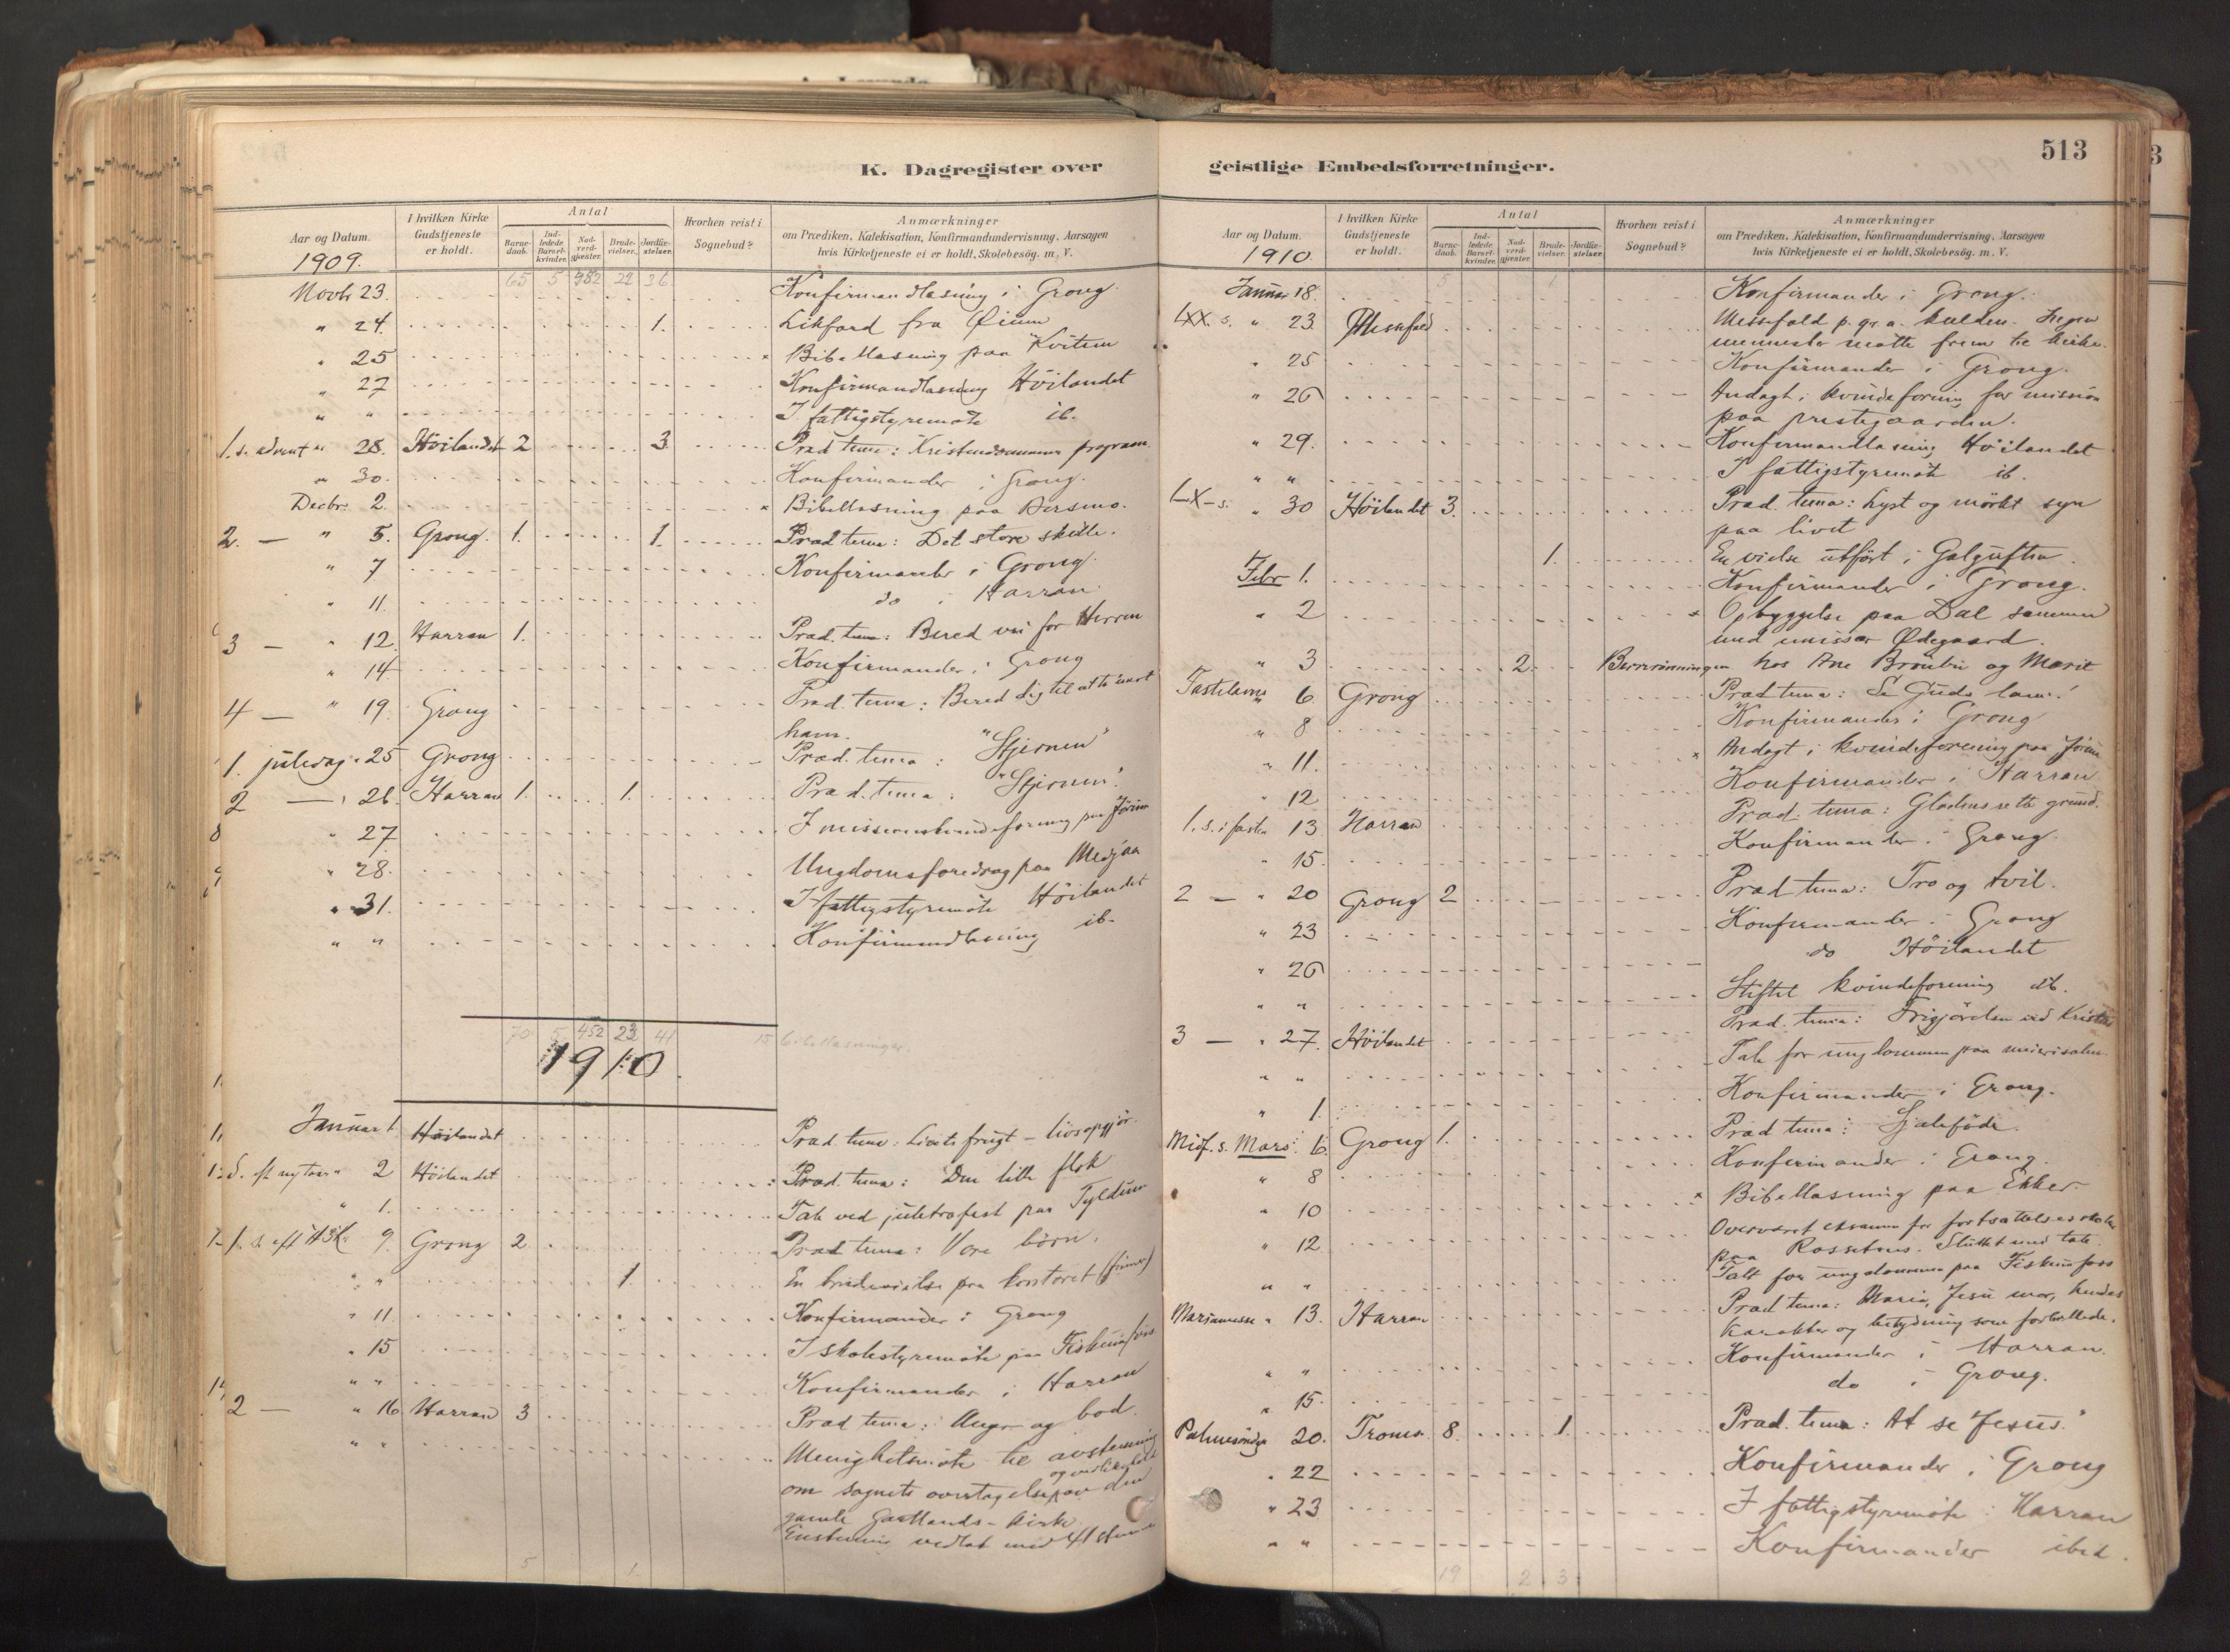 SAT, Ministerialprotokoller, klokkerbøker og fødselsregistre - Nord-Trøndelag, 758/L0519: Ministerialbok nr. 758A04, 1880-1926, s. 513